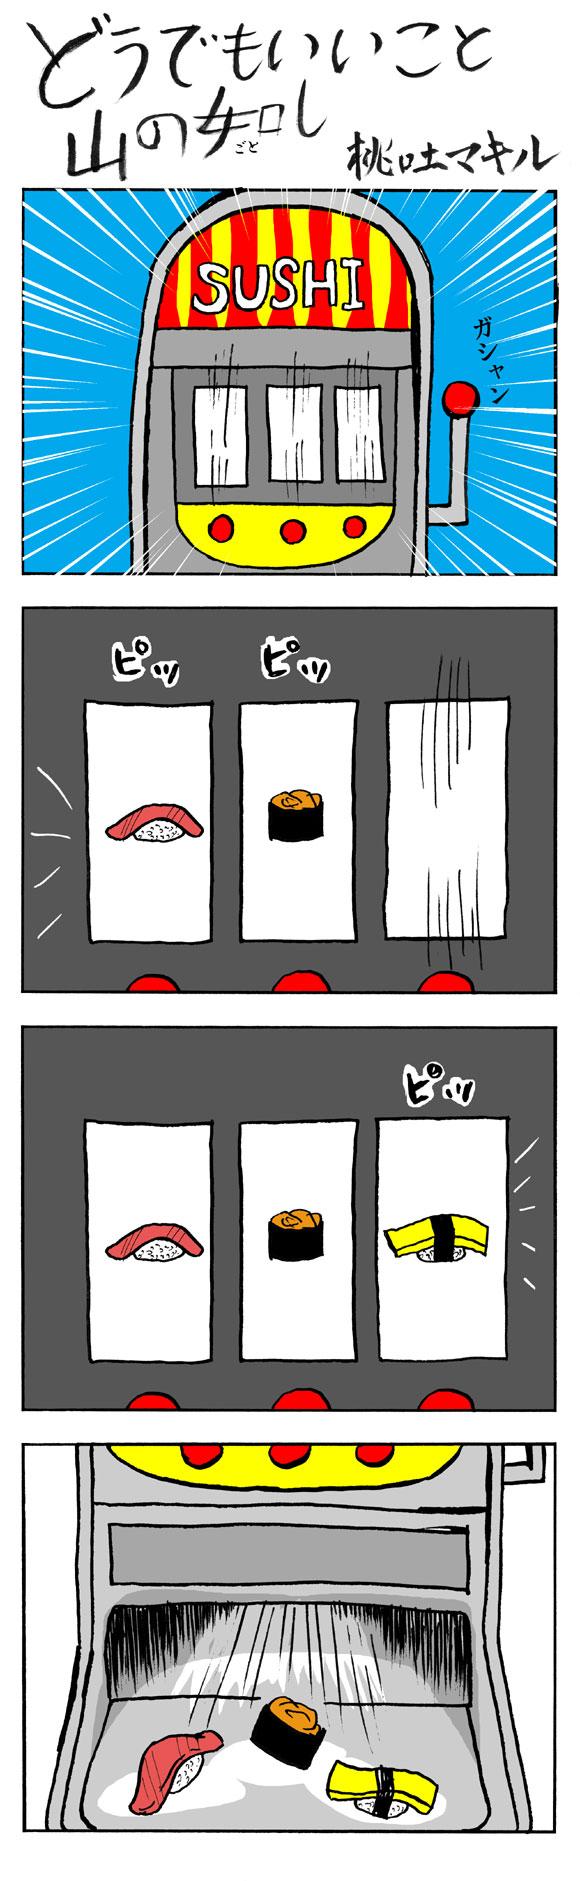 【まんが】どうでもいいこと山の如し「第159話:すしの自販機の如し」 by 桃吐マキル